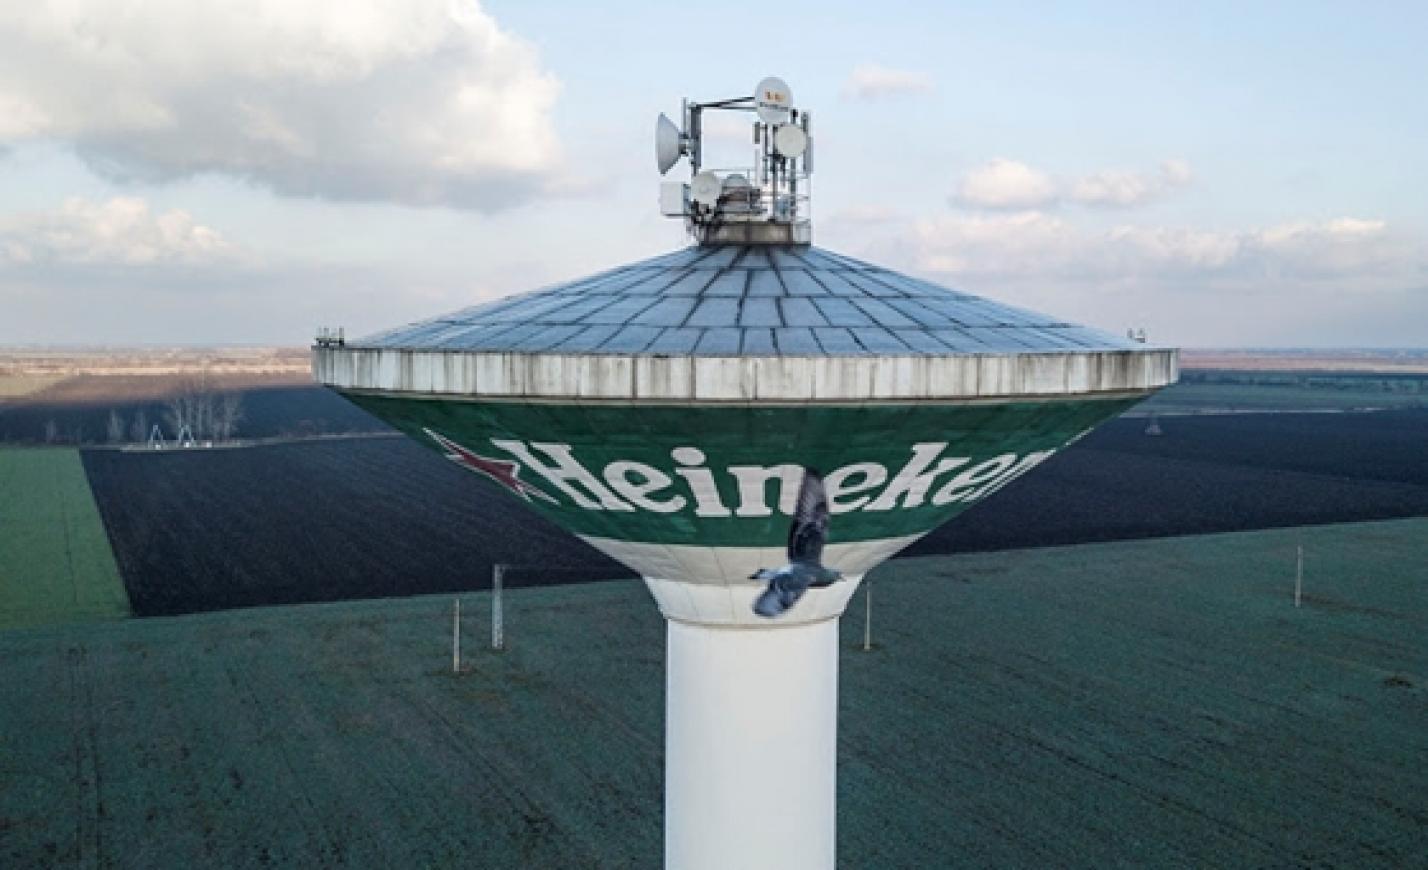 Reagált a Heineken Hungária a globális elbocsátásokról szóló hírekre